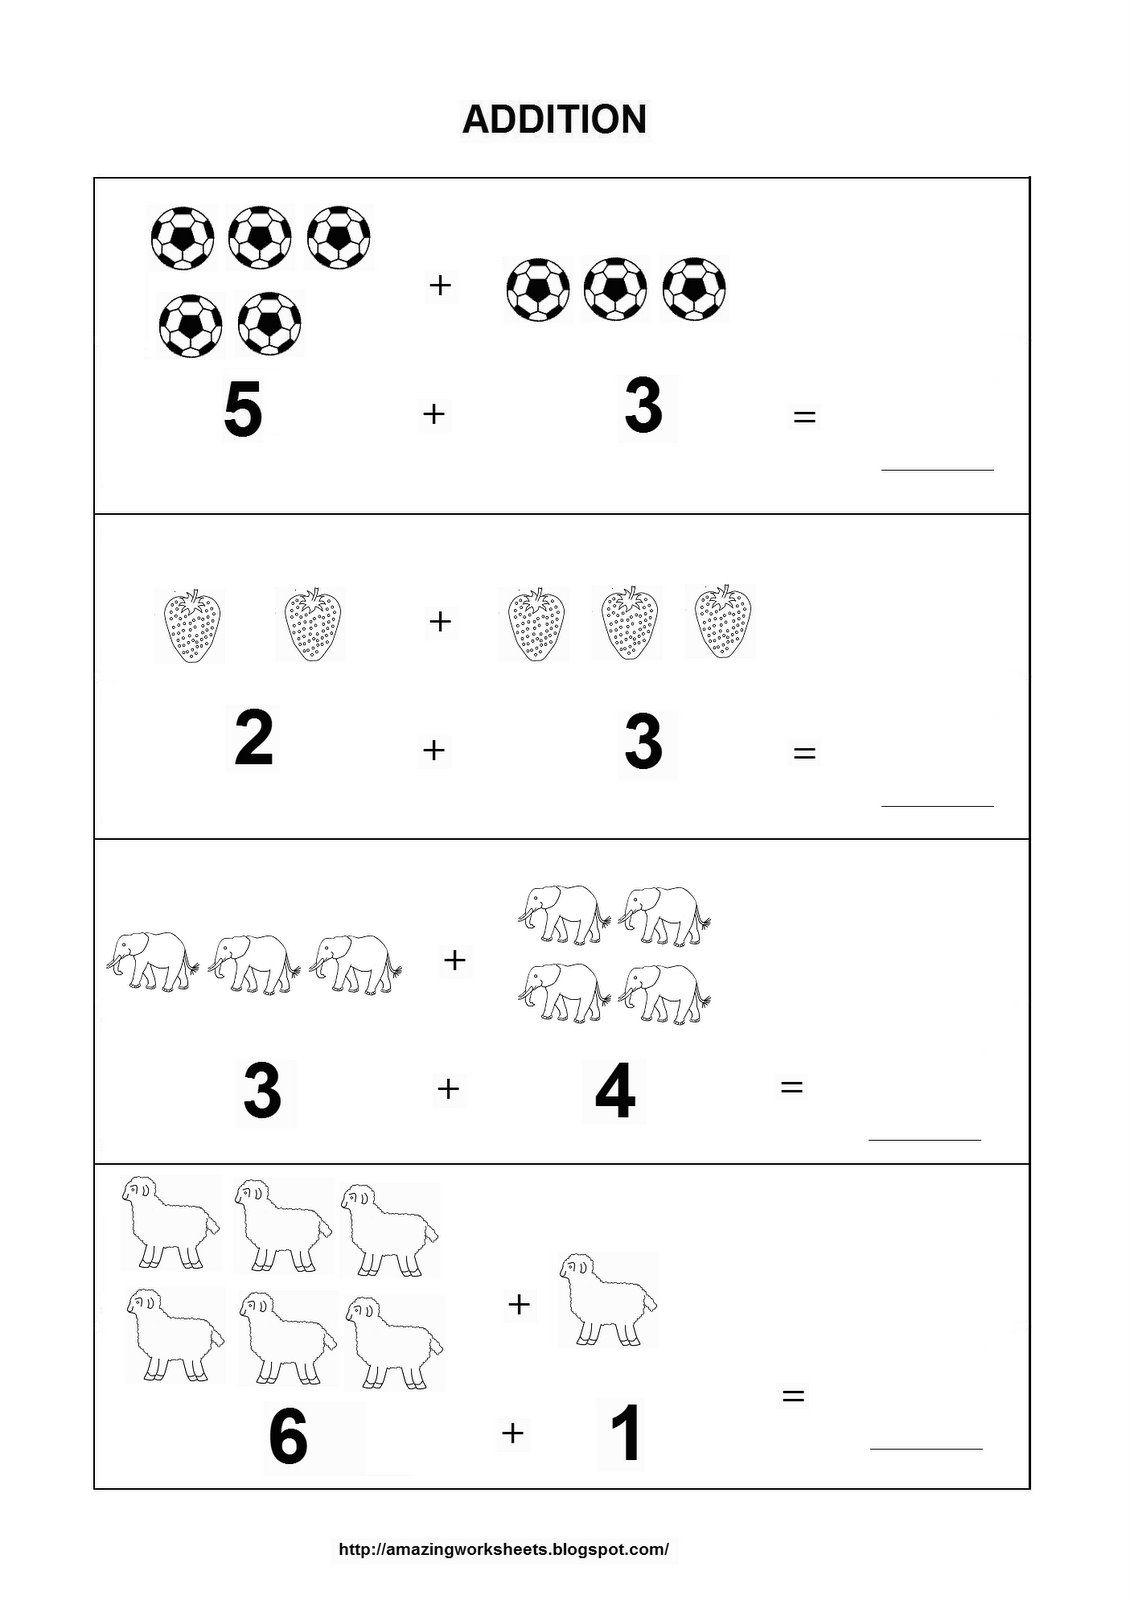 Worksheet 1p Image